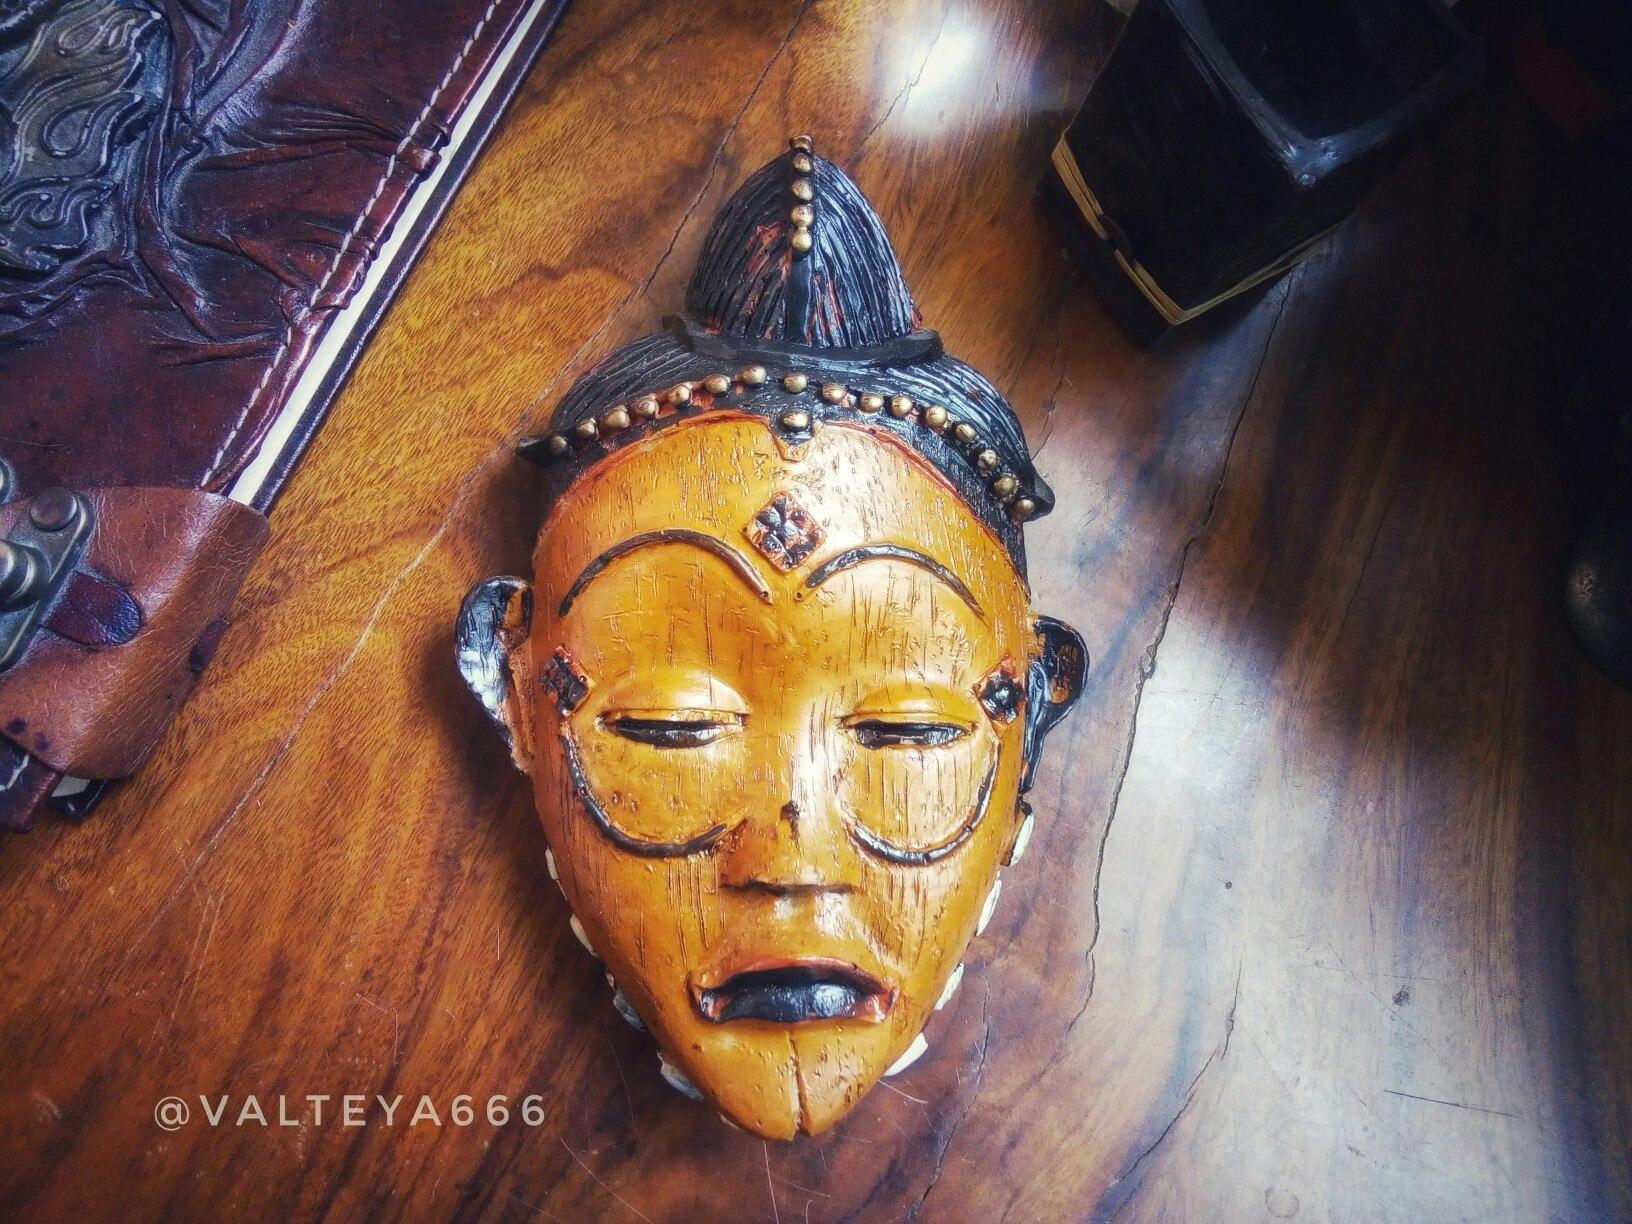 описаниемасок - Настенные маски с магическими программами.  MskV-LBNNds